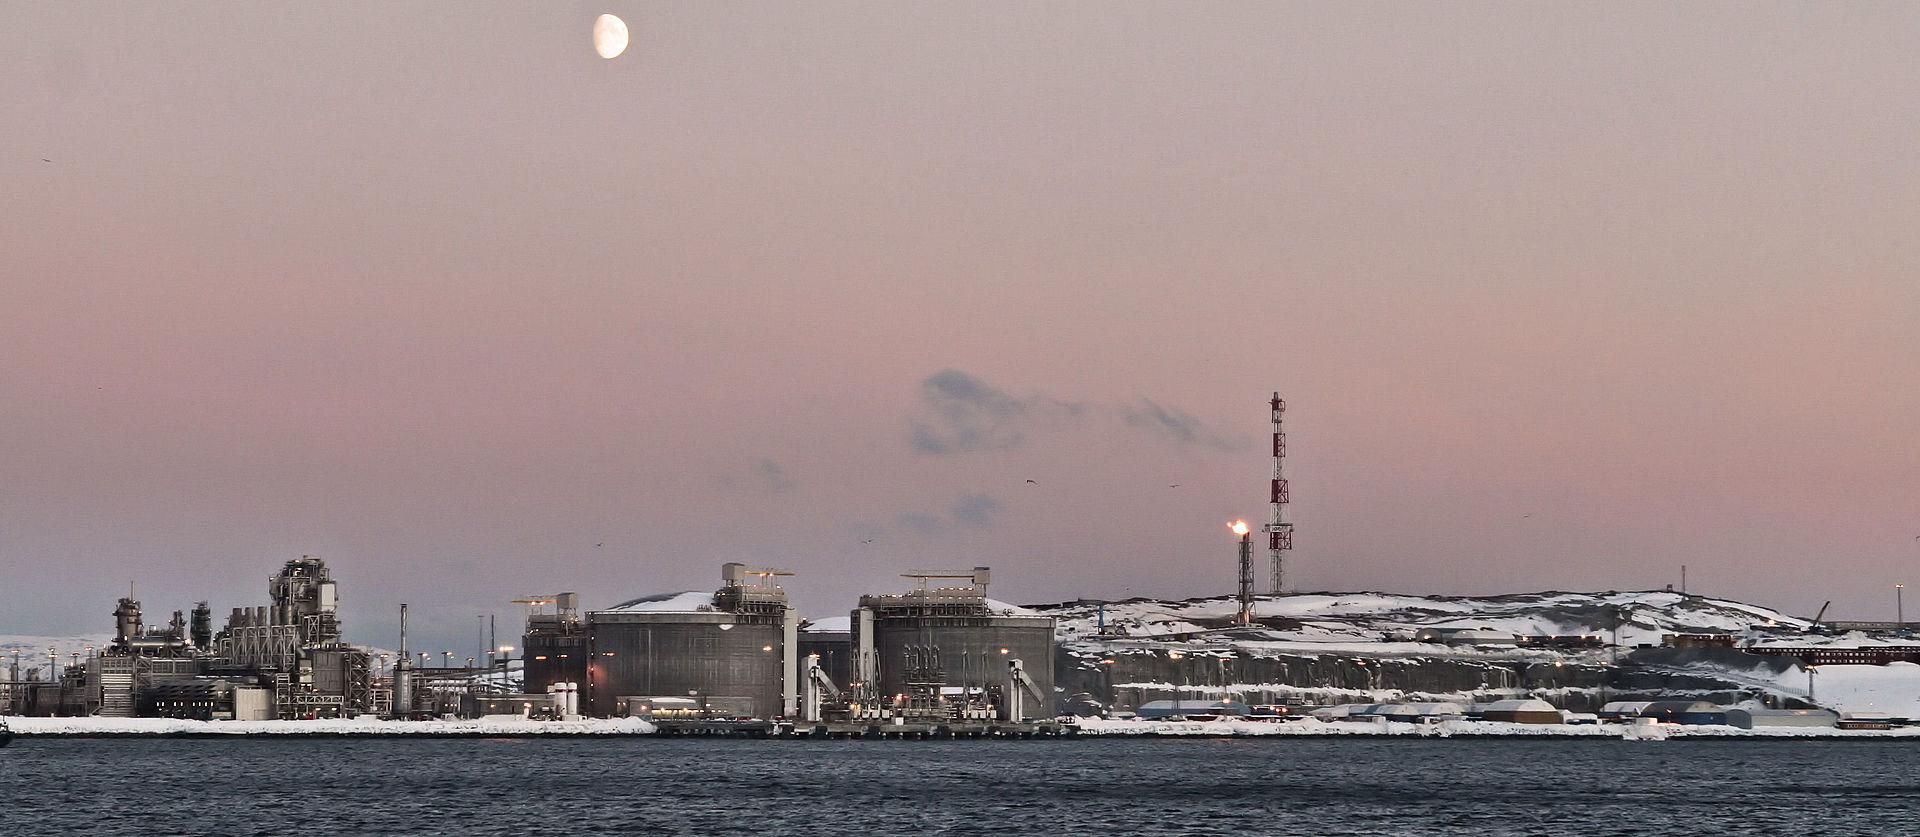 Melkøya, to tam został załadowany statek. Fot. Janter, wikipedia, CC BY-SA 3.0